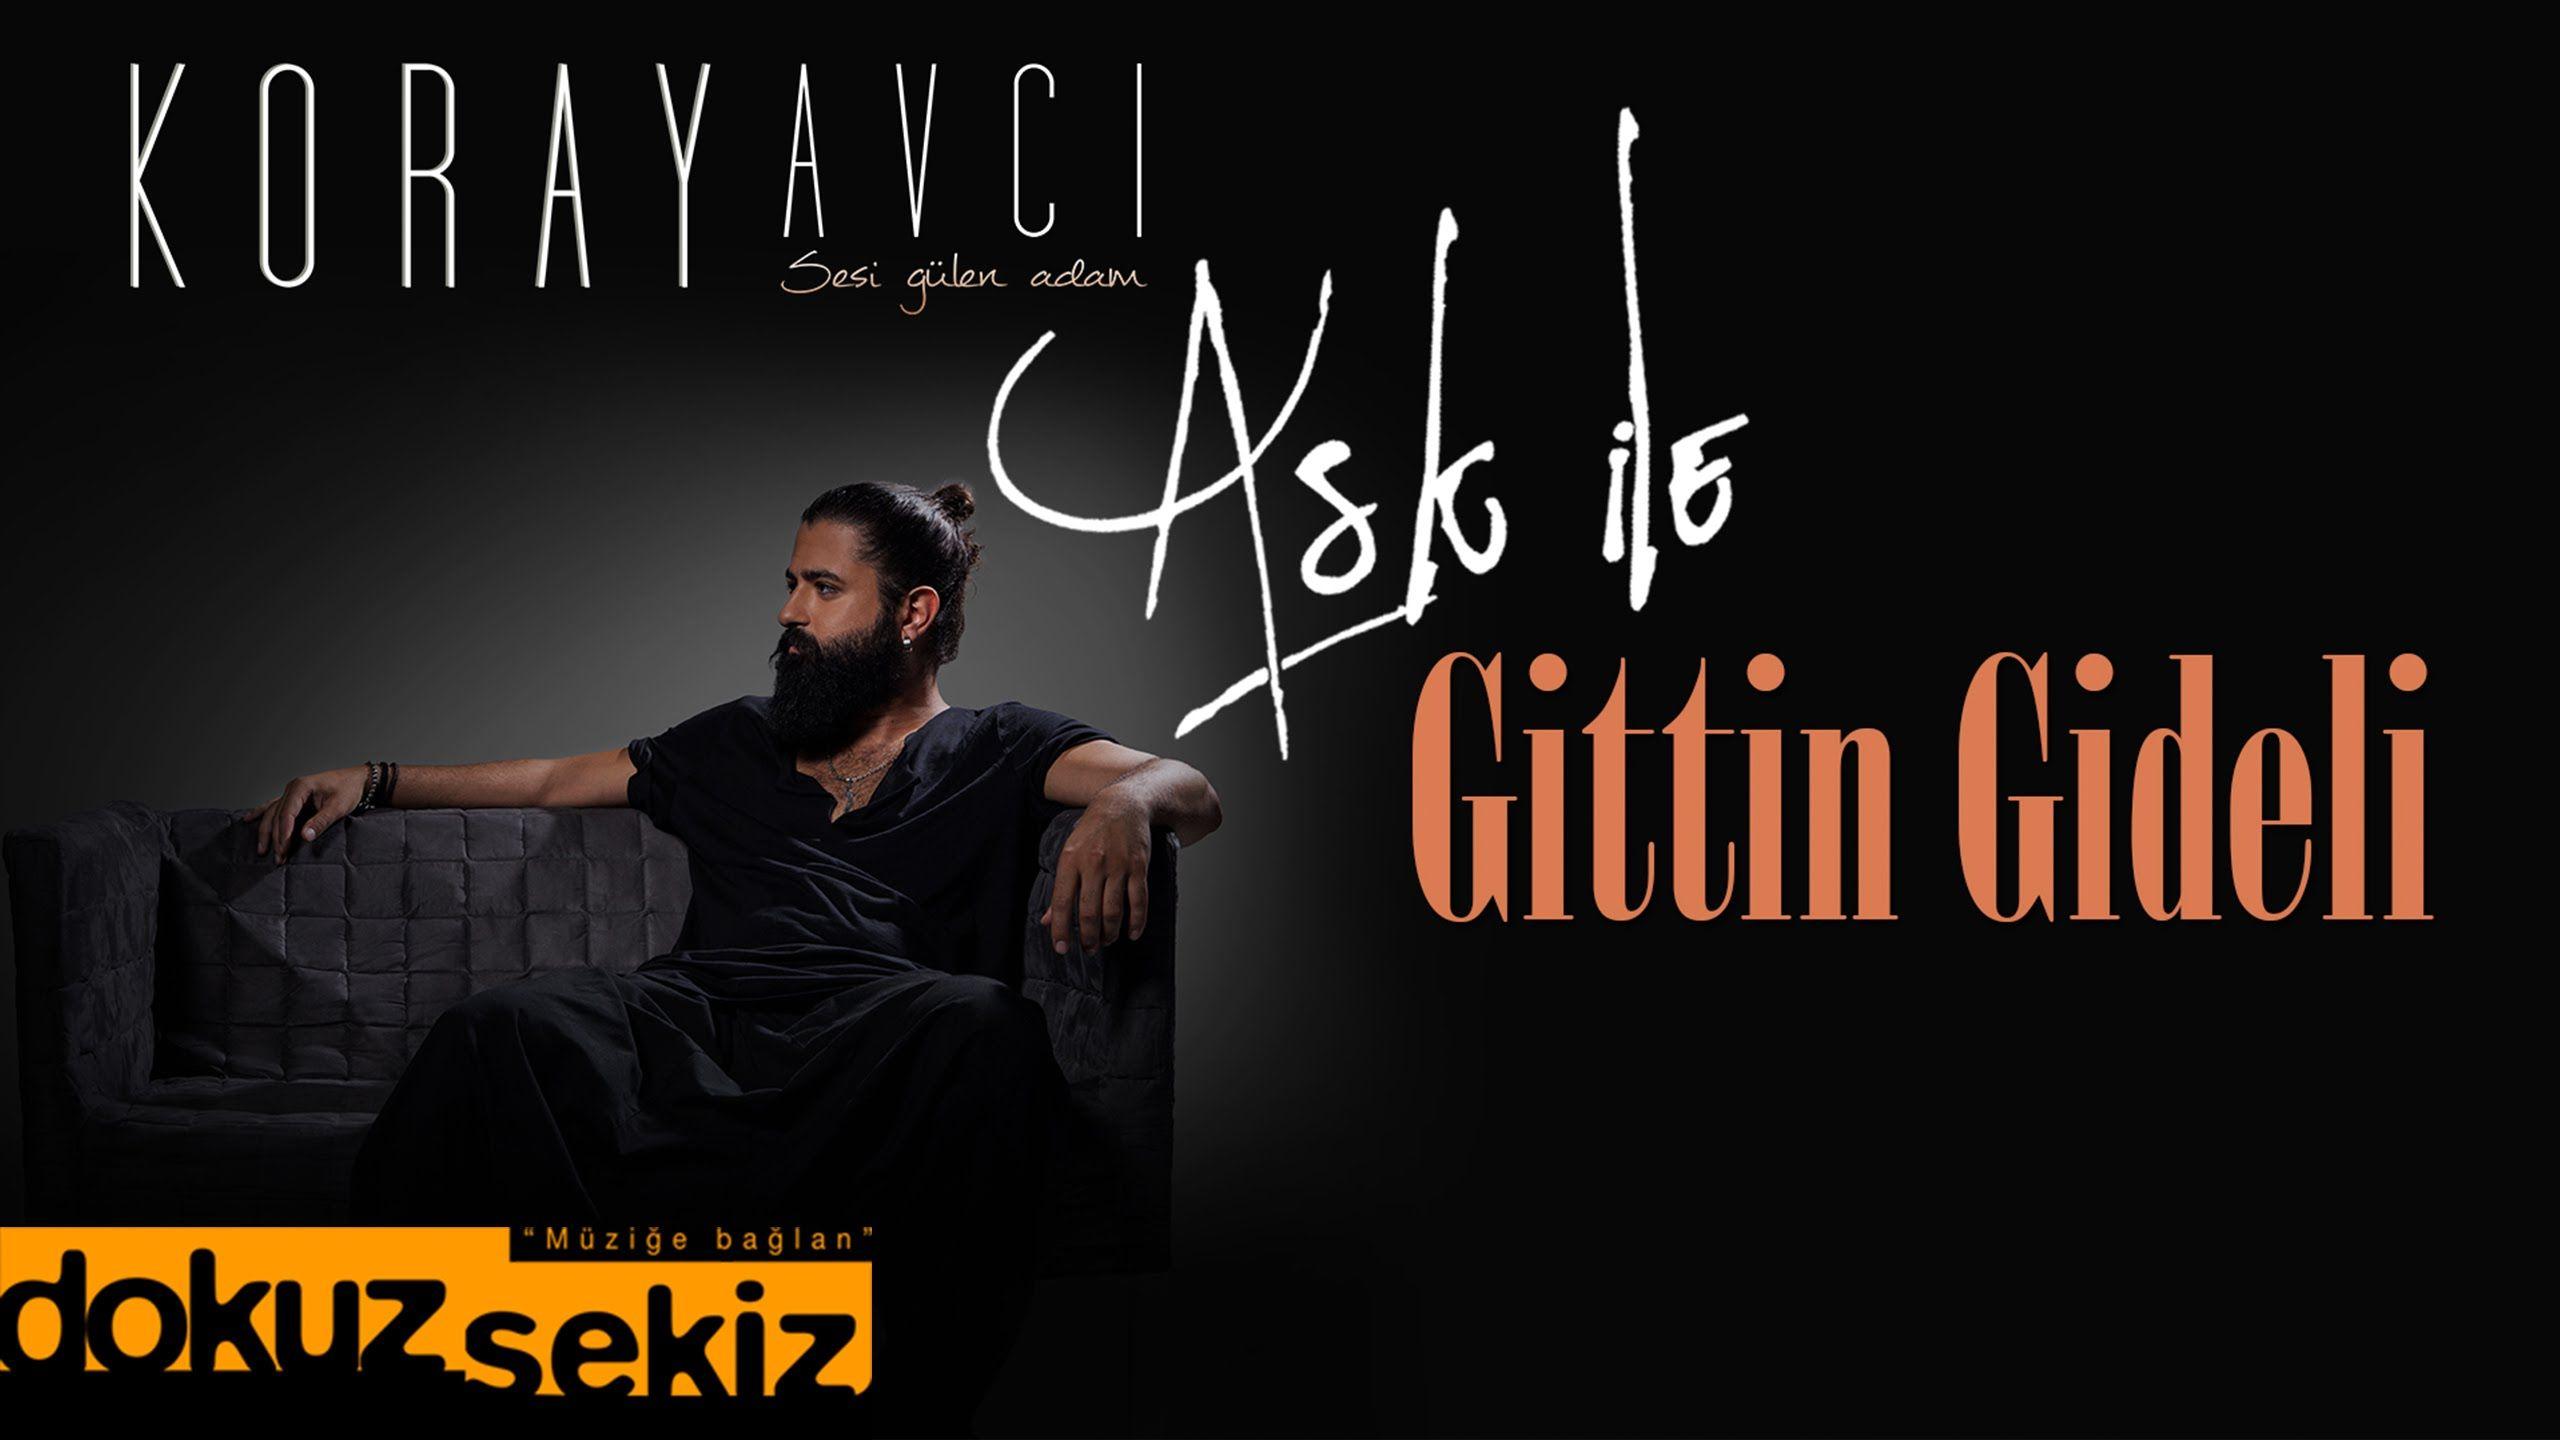 Koray Avci Gittin Gideli Akustik Official Audio Youtube Music Videos Songs